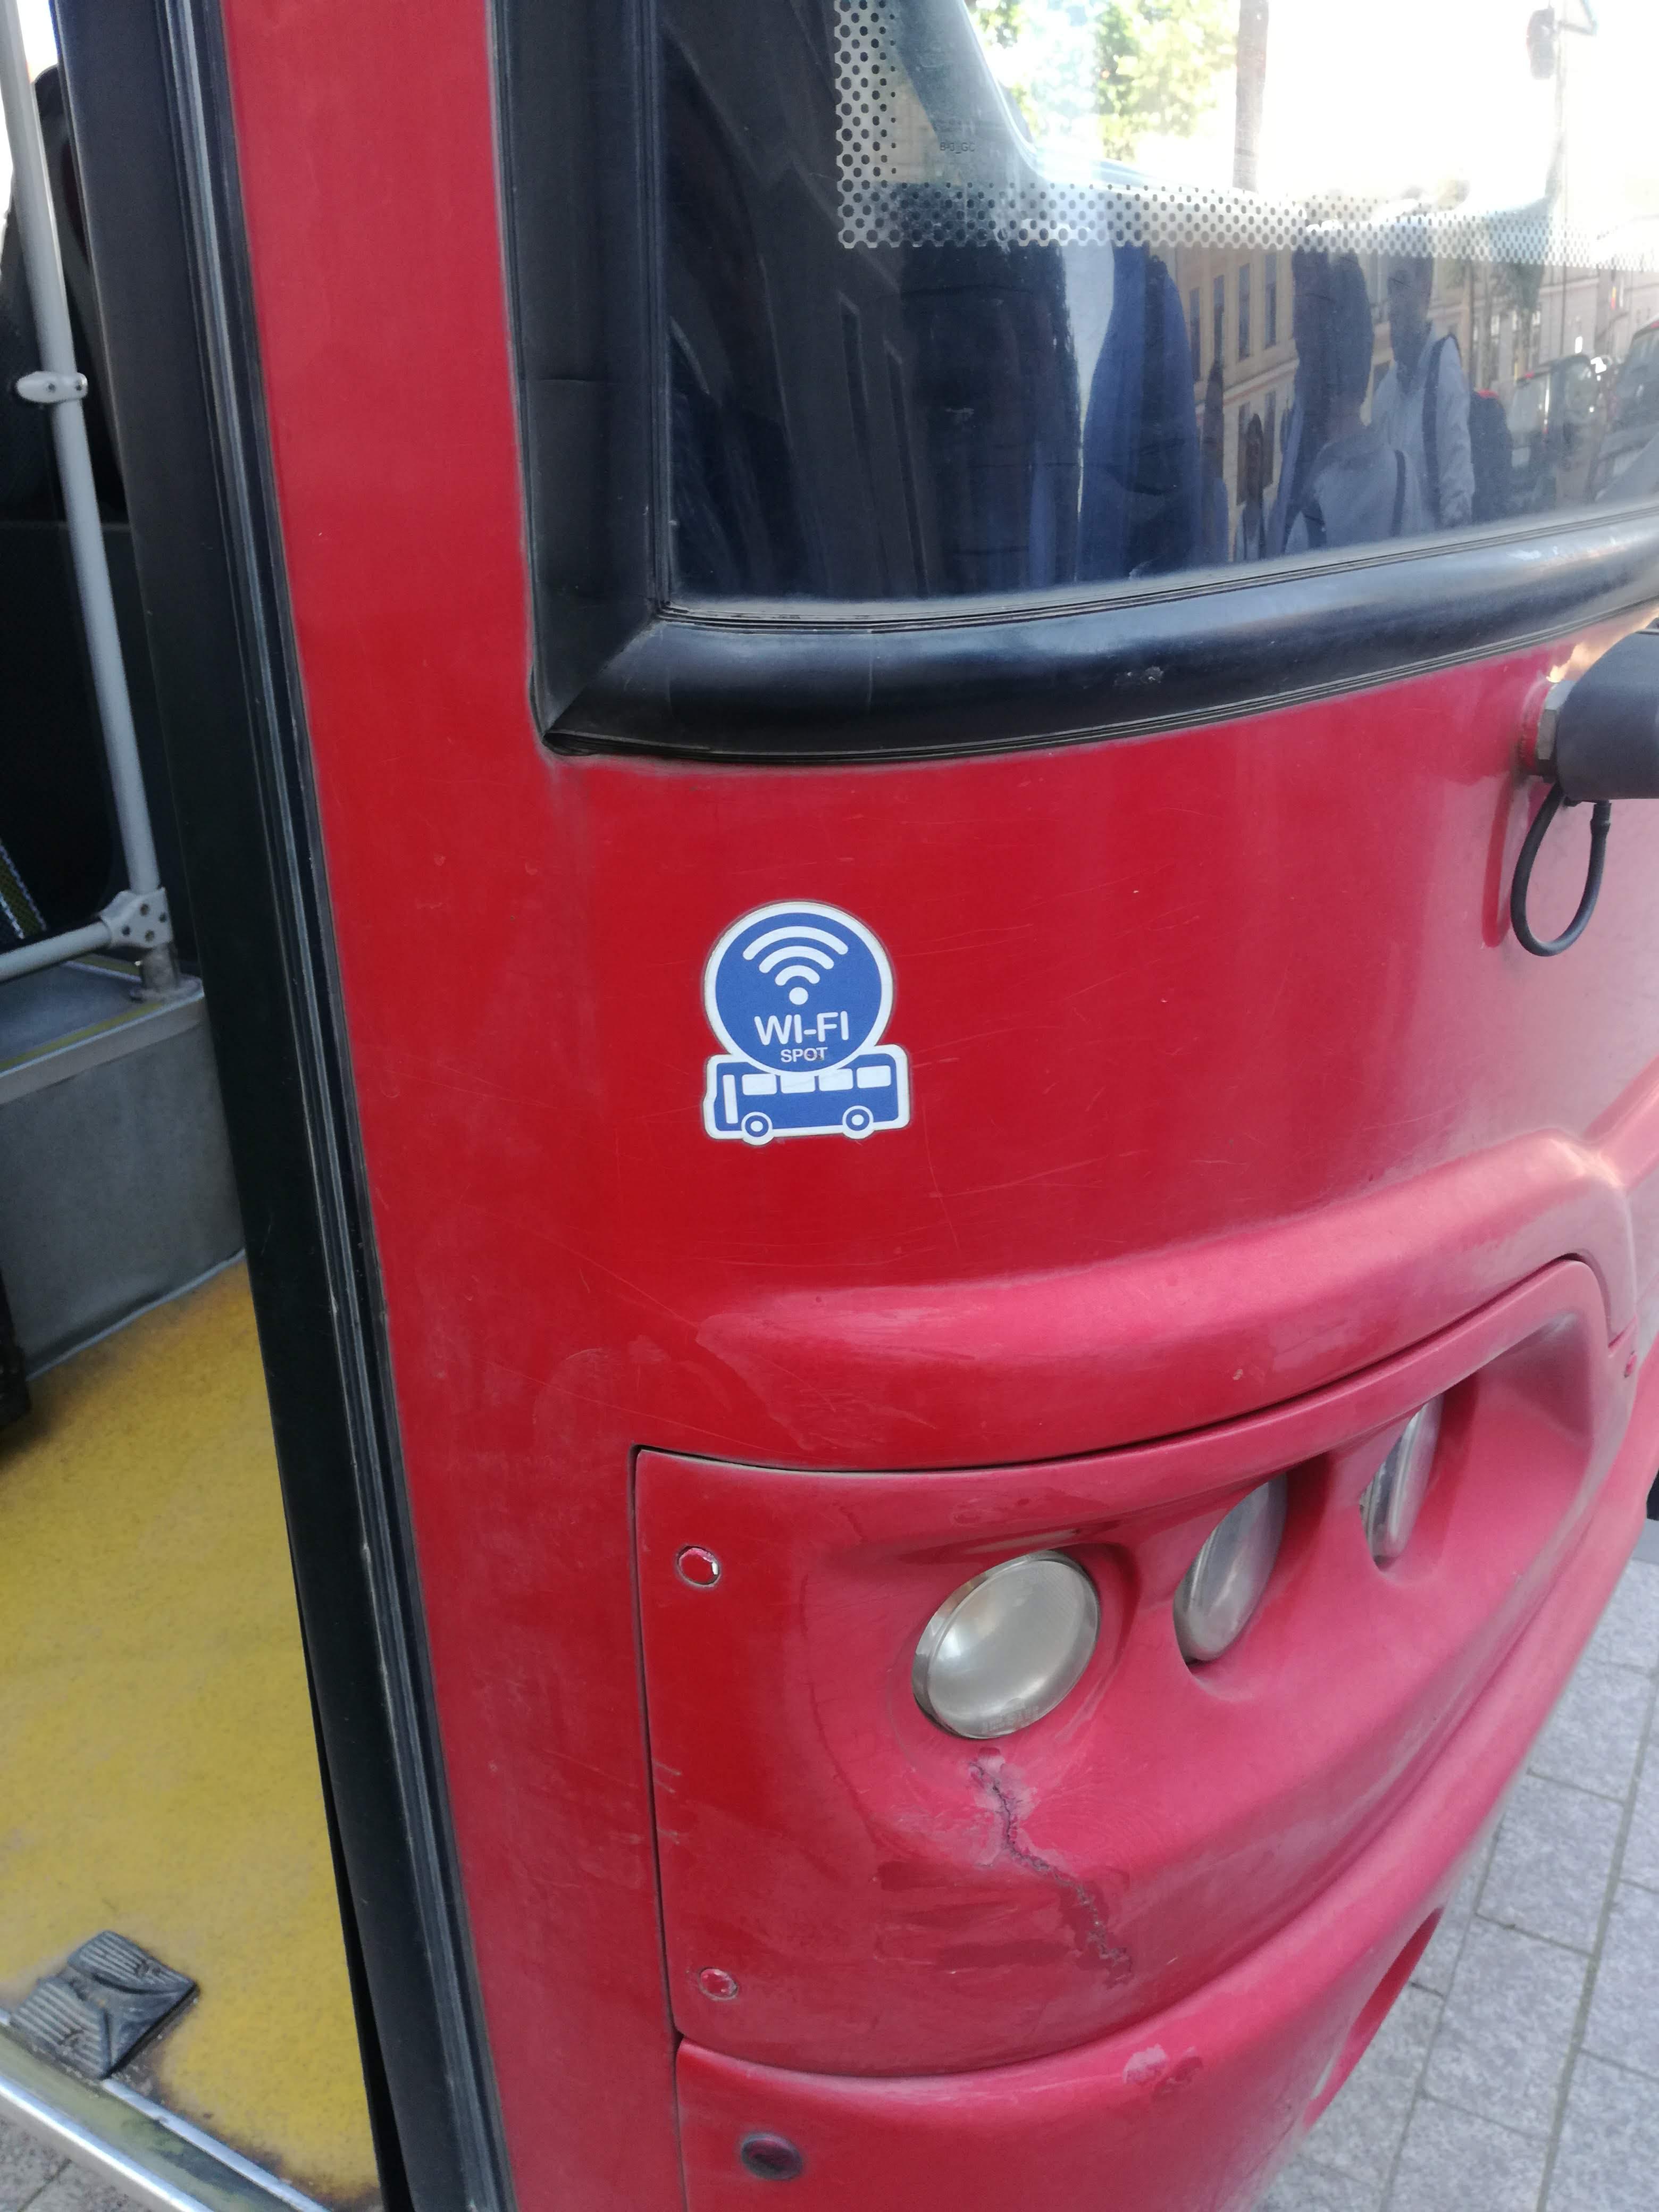 WiFi Bus, the WiFi unit backhauls over Orange Romania's LTE-A network